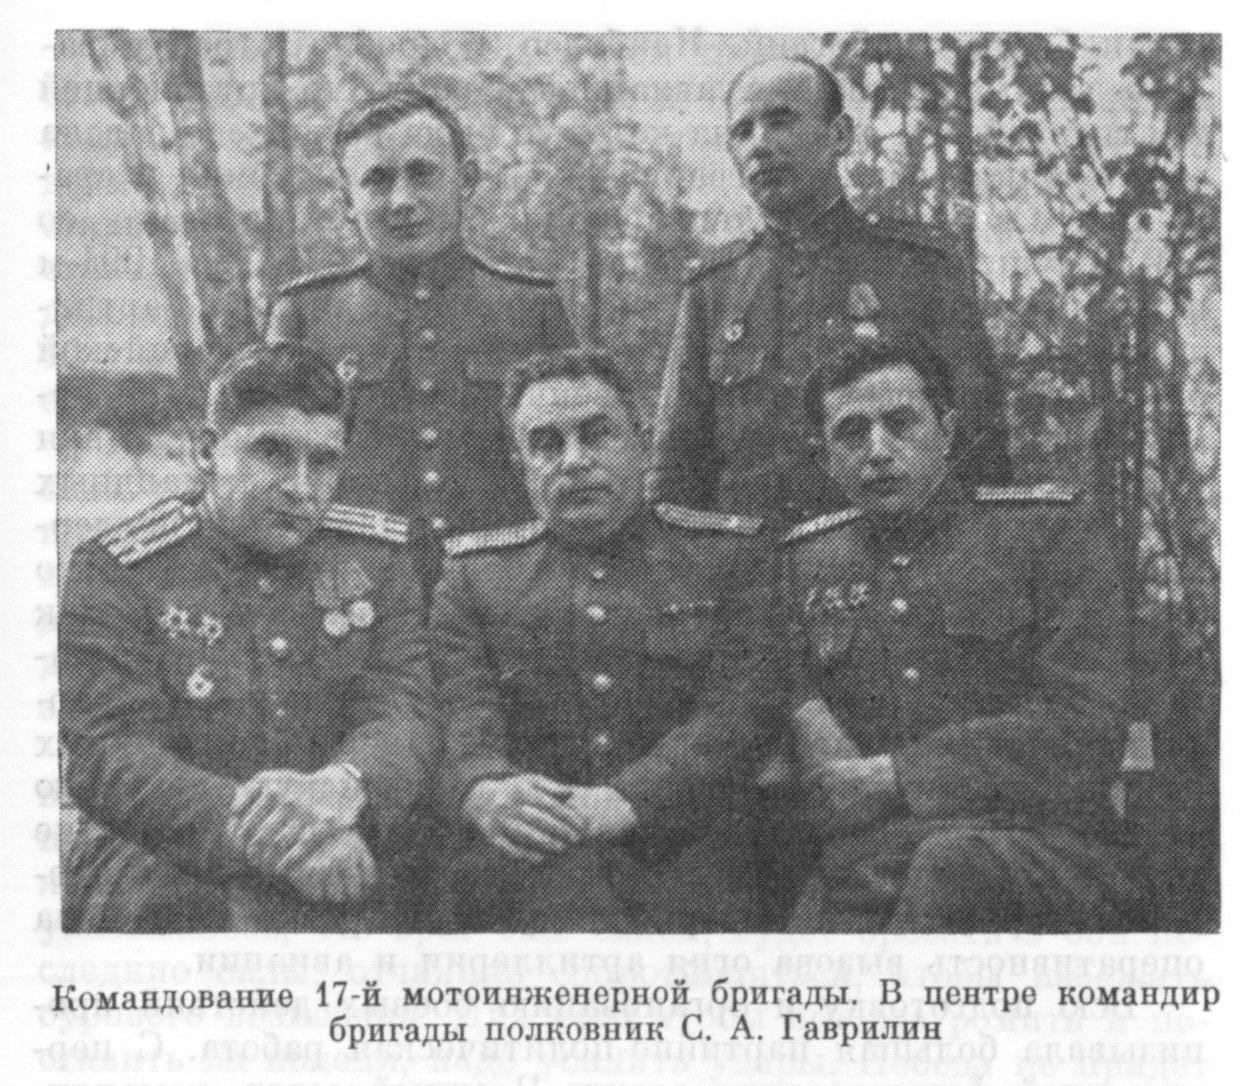 7я краснознамённая запорожская ордсуворова и кутузова артиллерийская дивизия прорыва ргвк